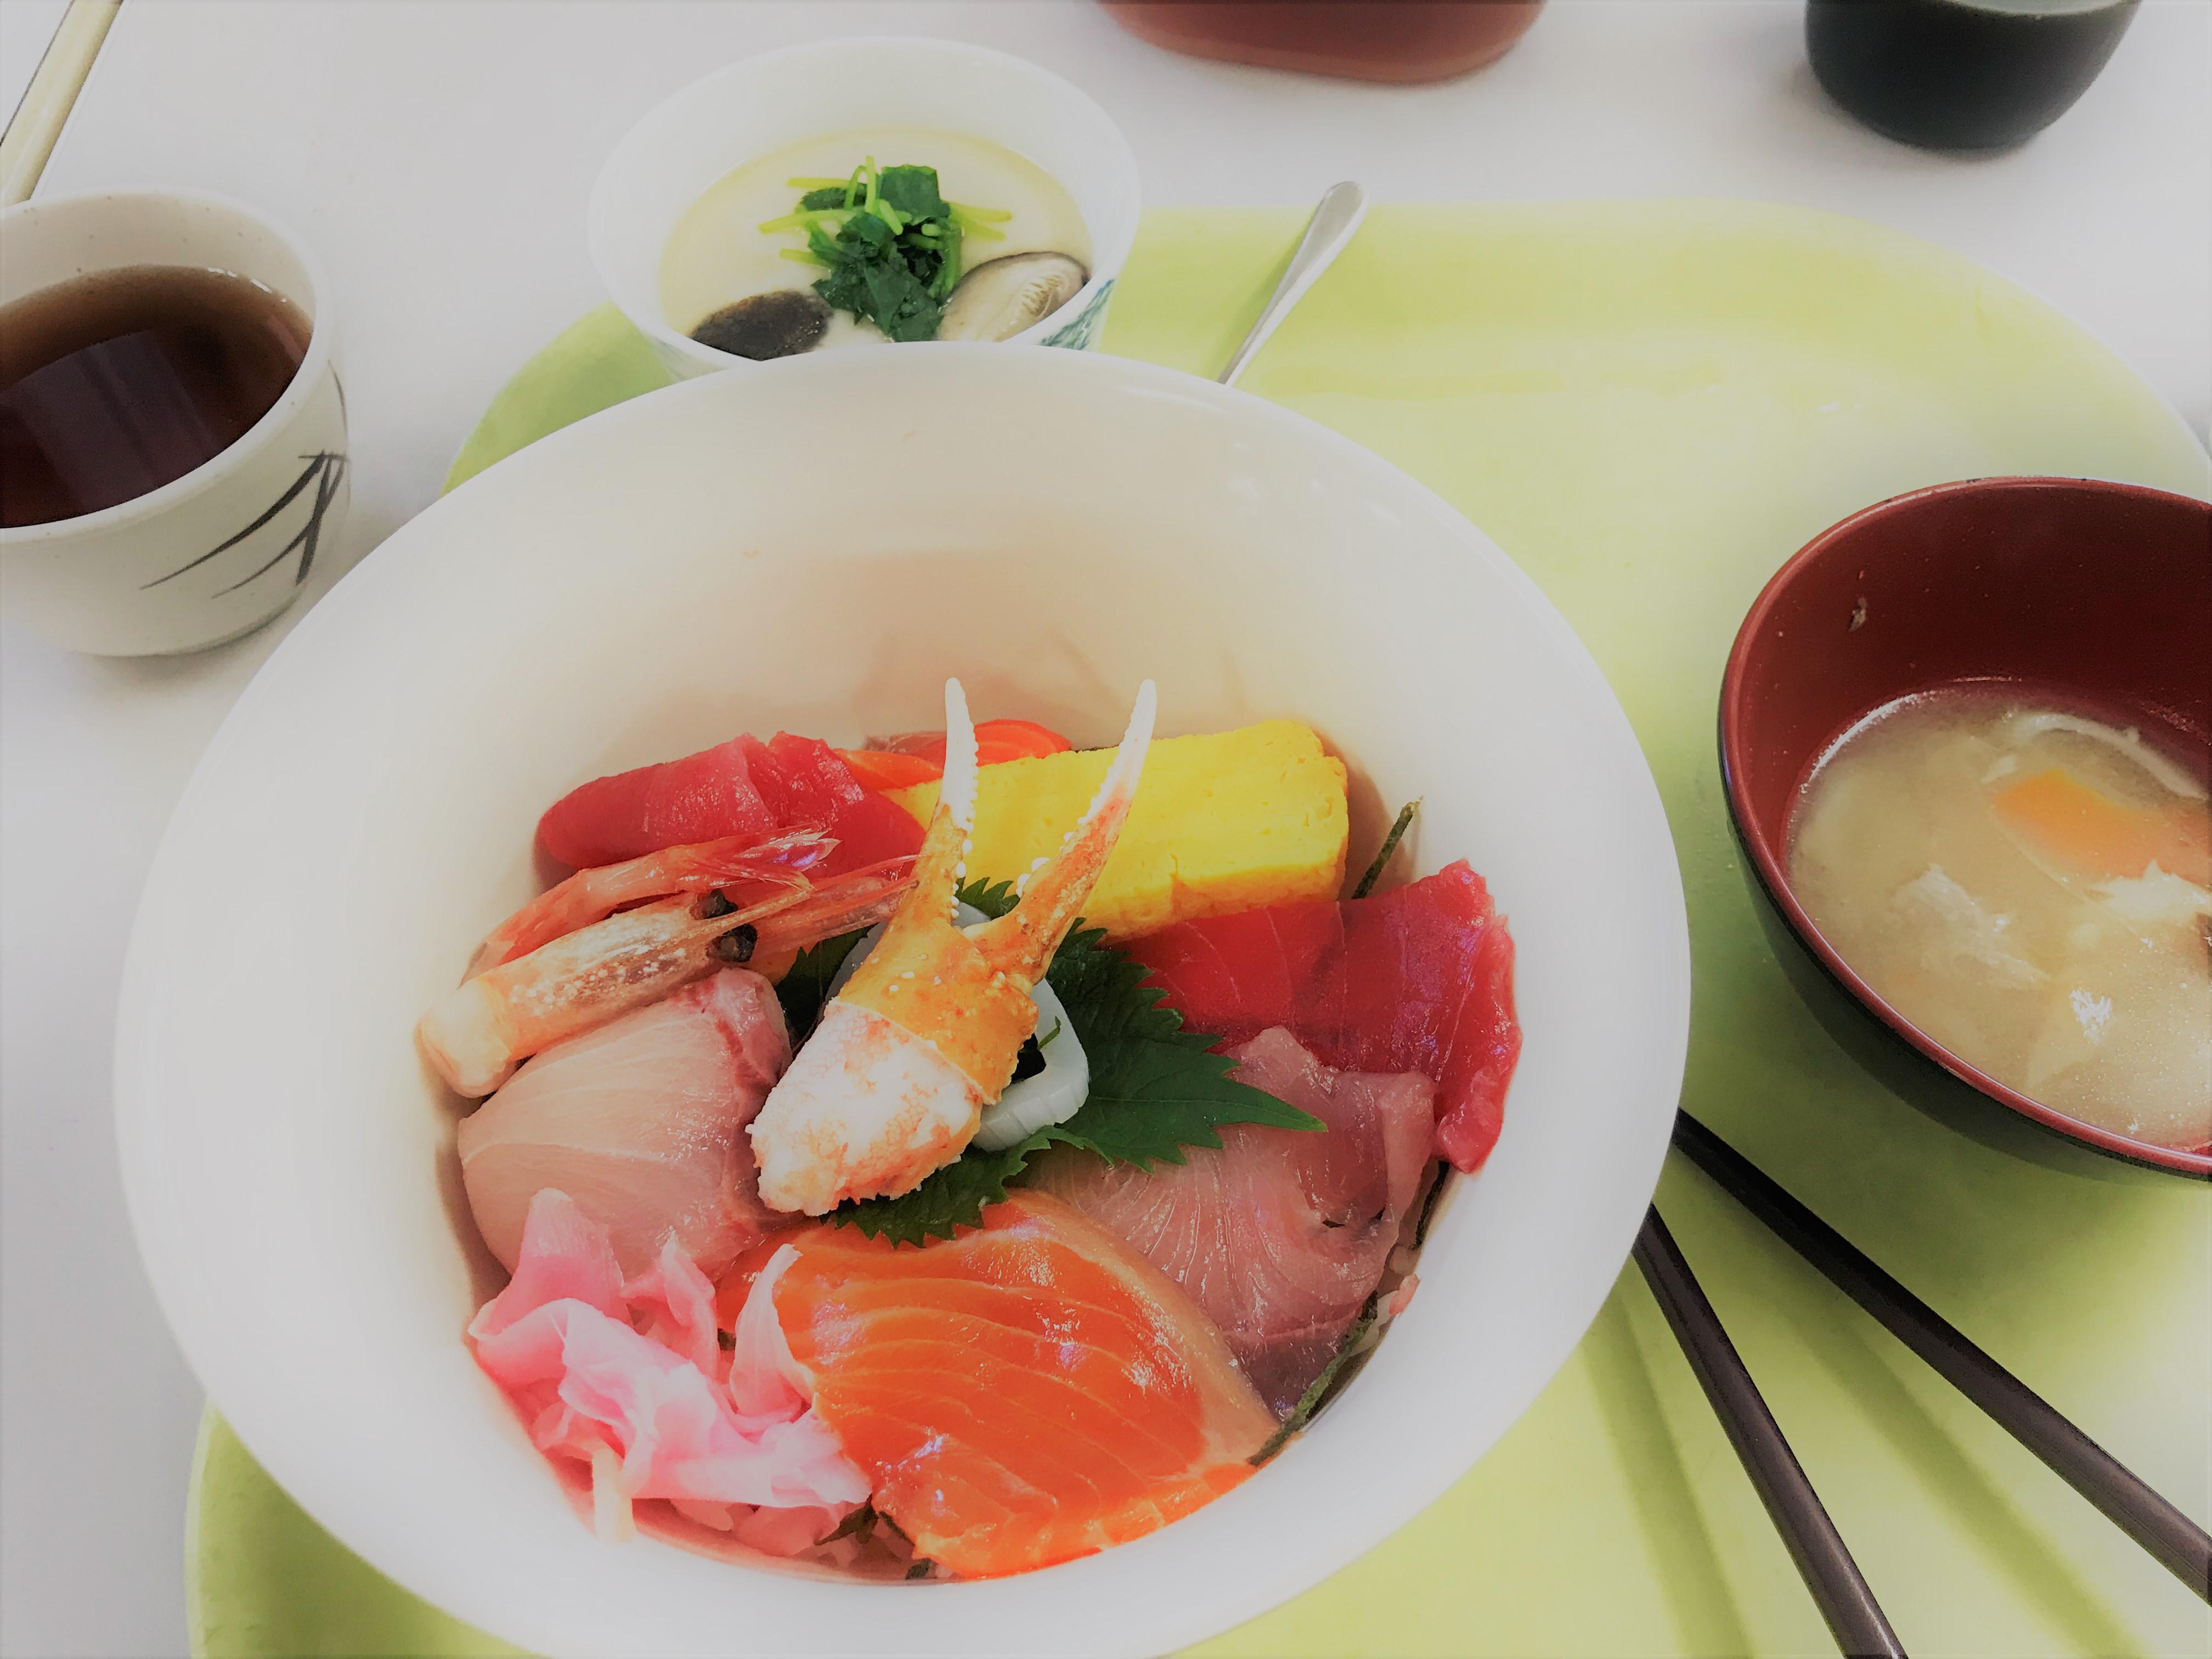 http://chichibu-med.jp/ndblog/%E6%B5%B7%E9%AE%AE%E4%B8%BC%E2%99%A5.JPG